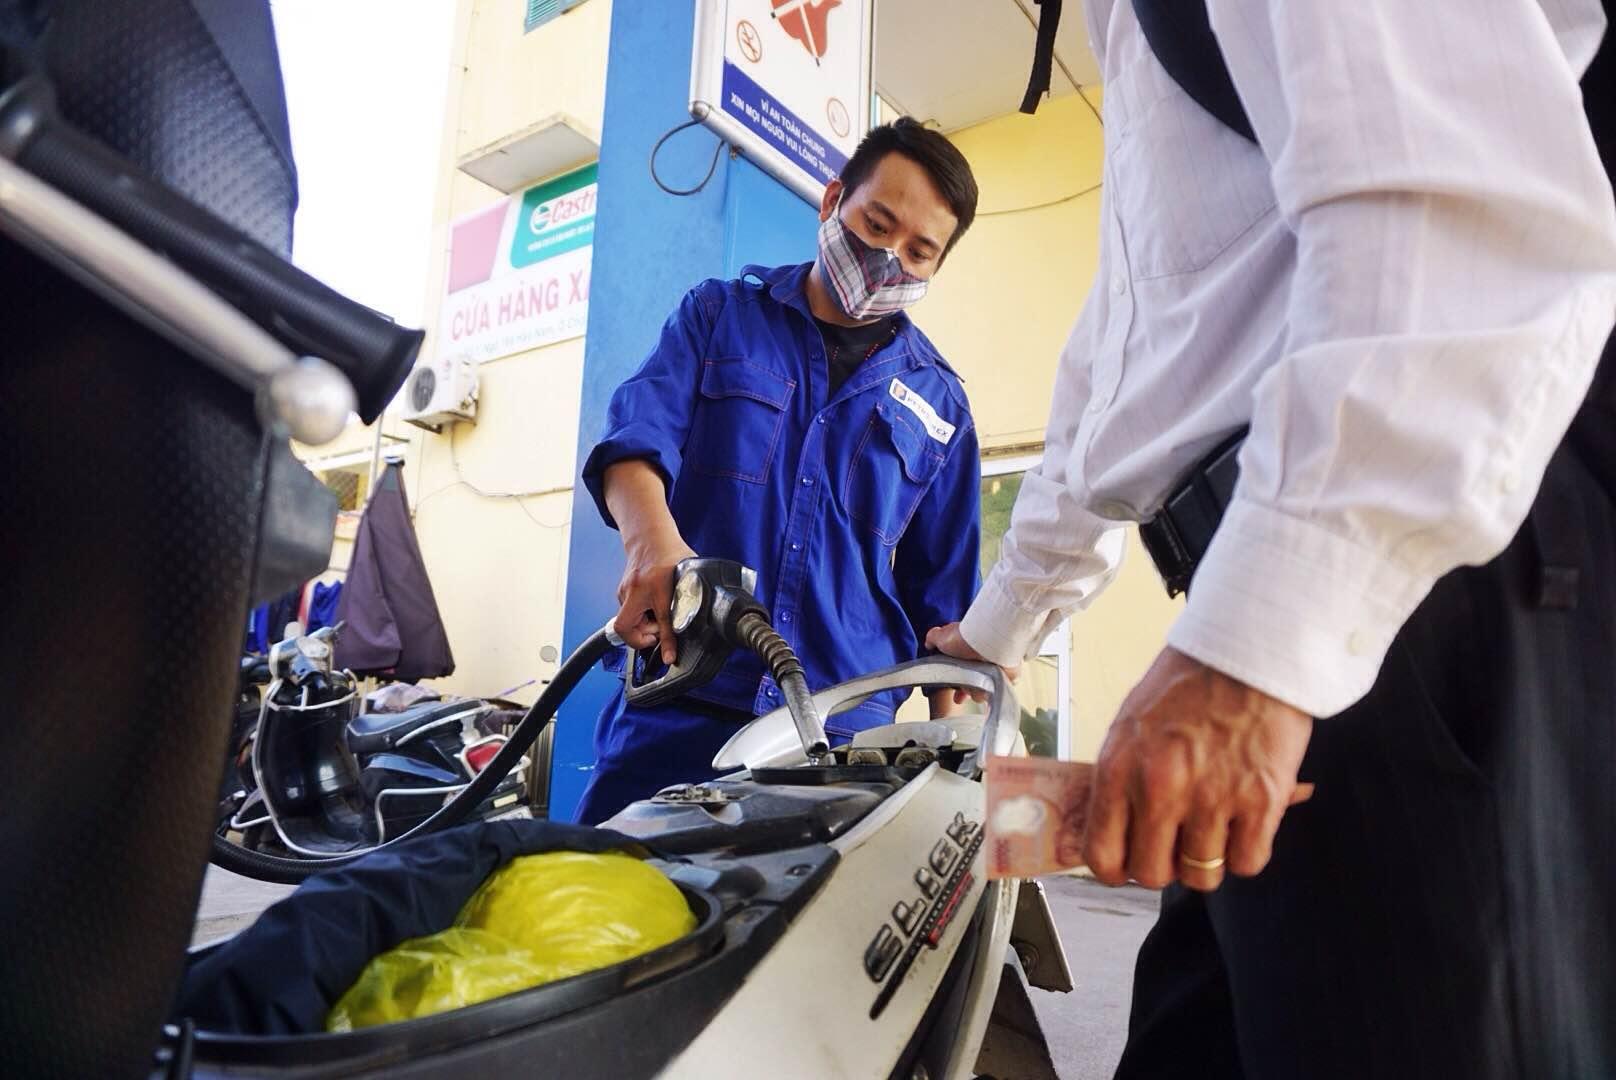 Giá xăng tăng liên tiếp 6 lần trong vòng 3 tháng - 1